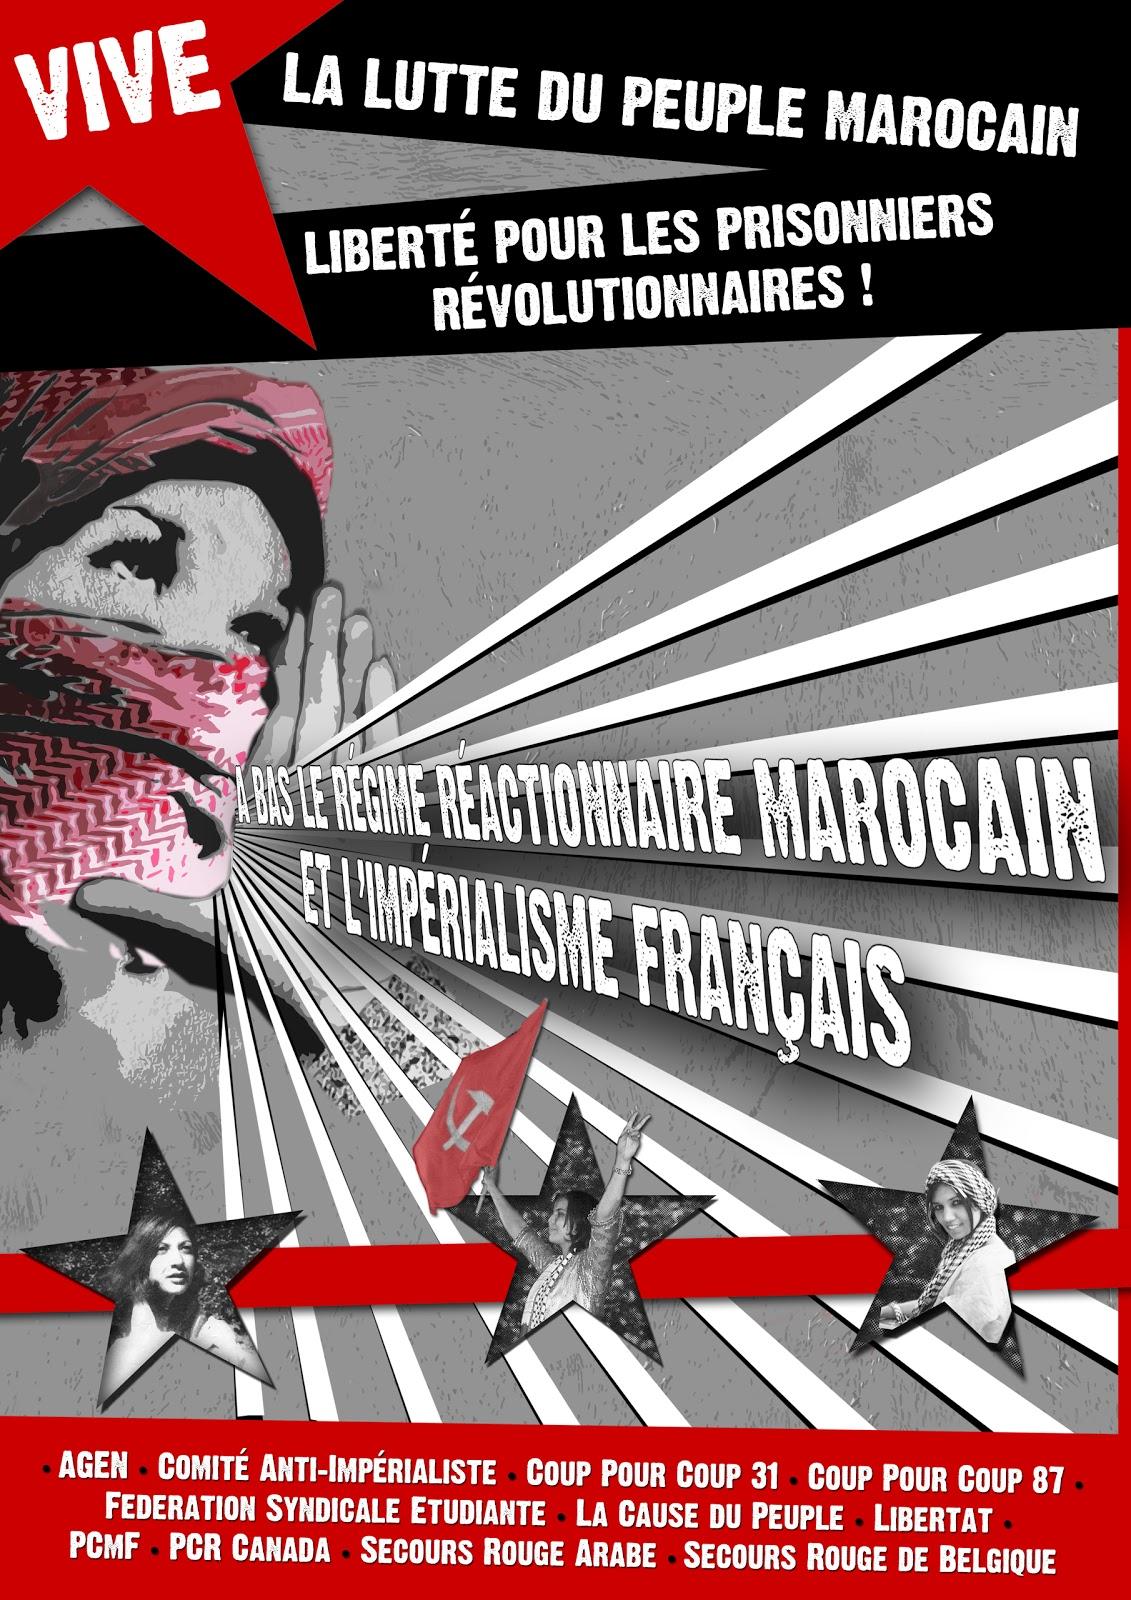 http://4.bp.blogspot.com/-ZrZddQWtYzY/Tudp0ycKHgI/AAAAAAAAAgo/-dA1-olUgUI/s1600/afficheprisonniersmarocains.jpg